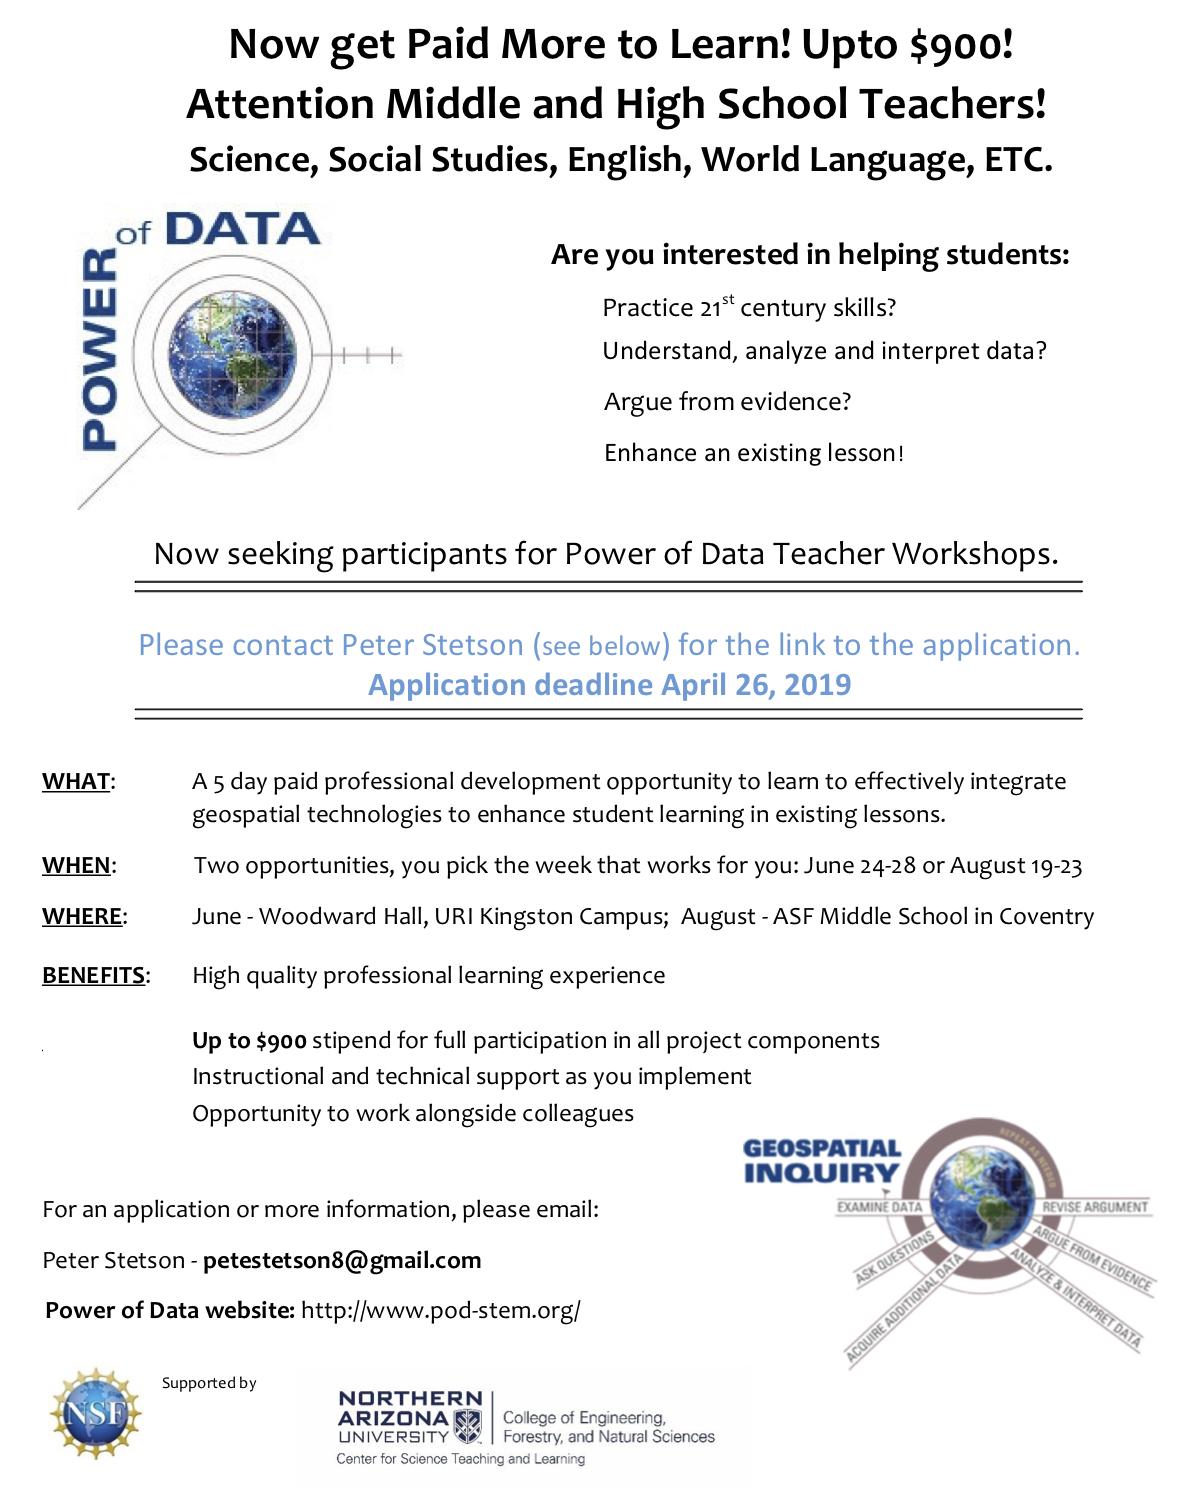 Seeking participants for Power of Data Teacher Workshops